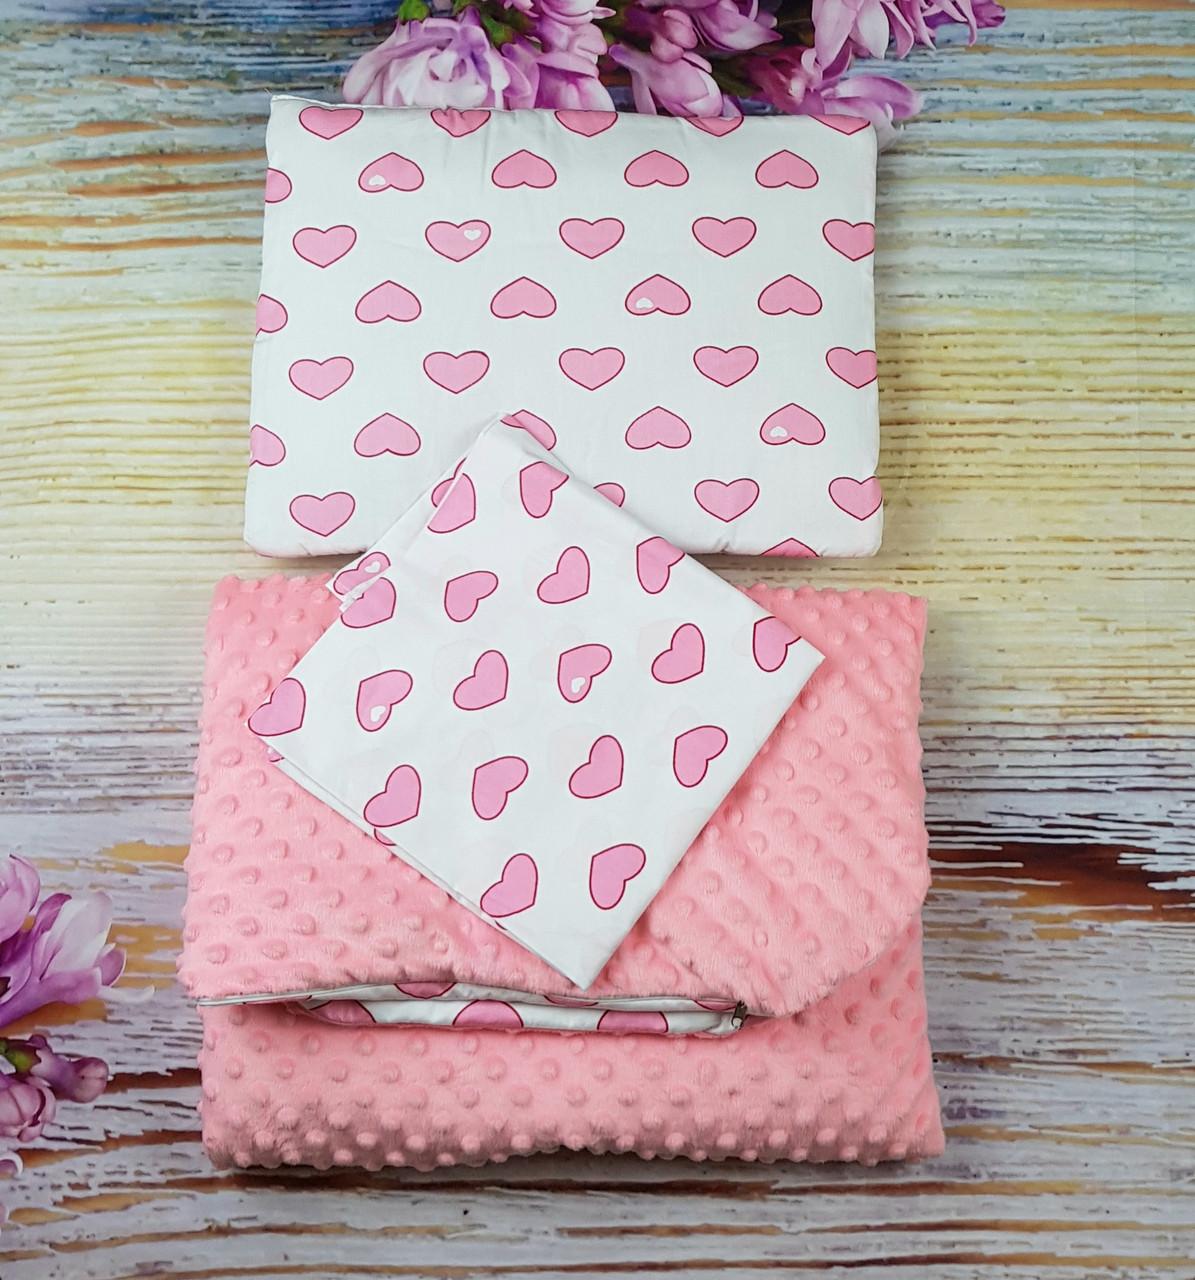 Комплект для новорожденных в коляску 3 предмета: Одеяло, Подушка, Простынка